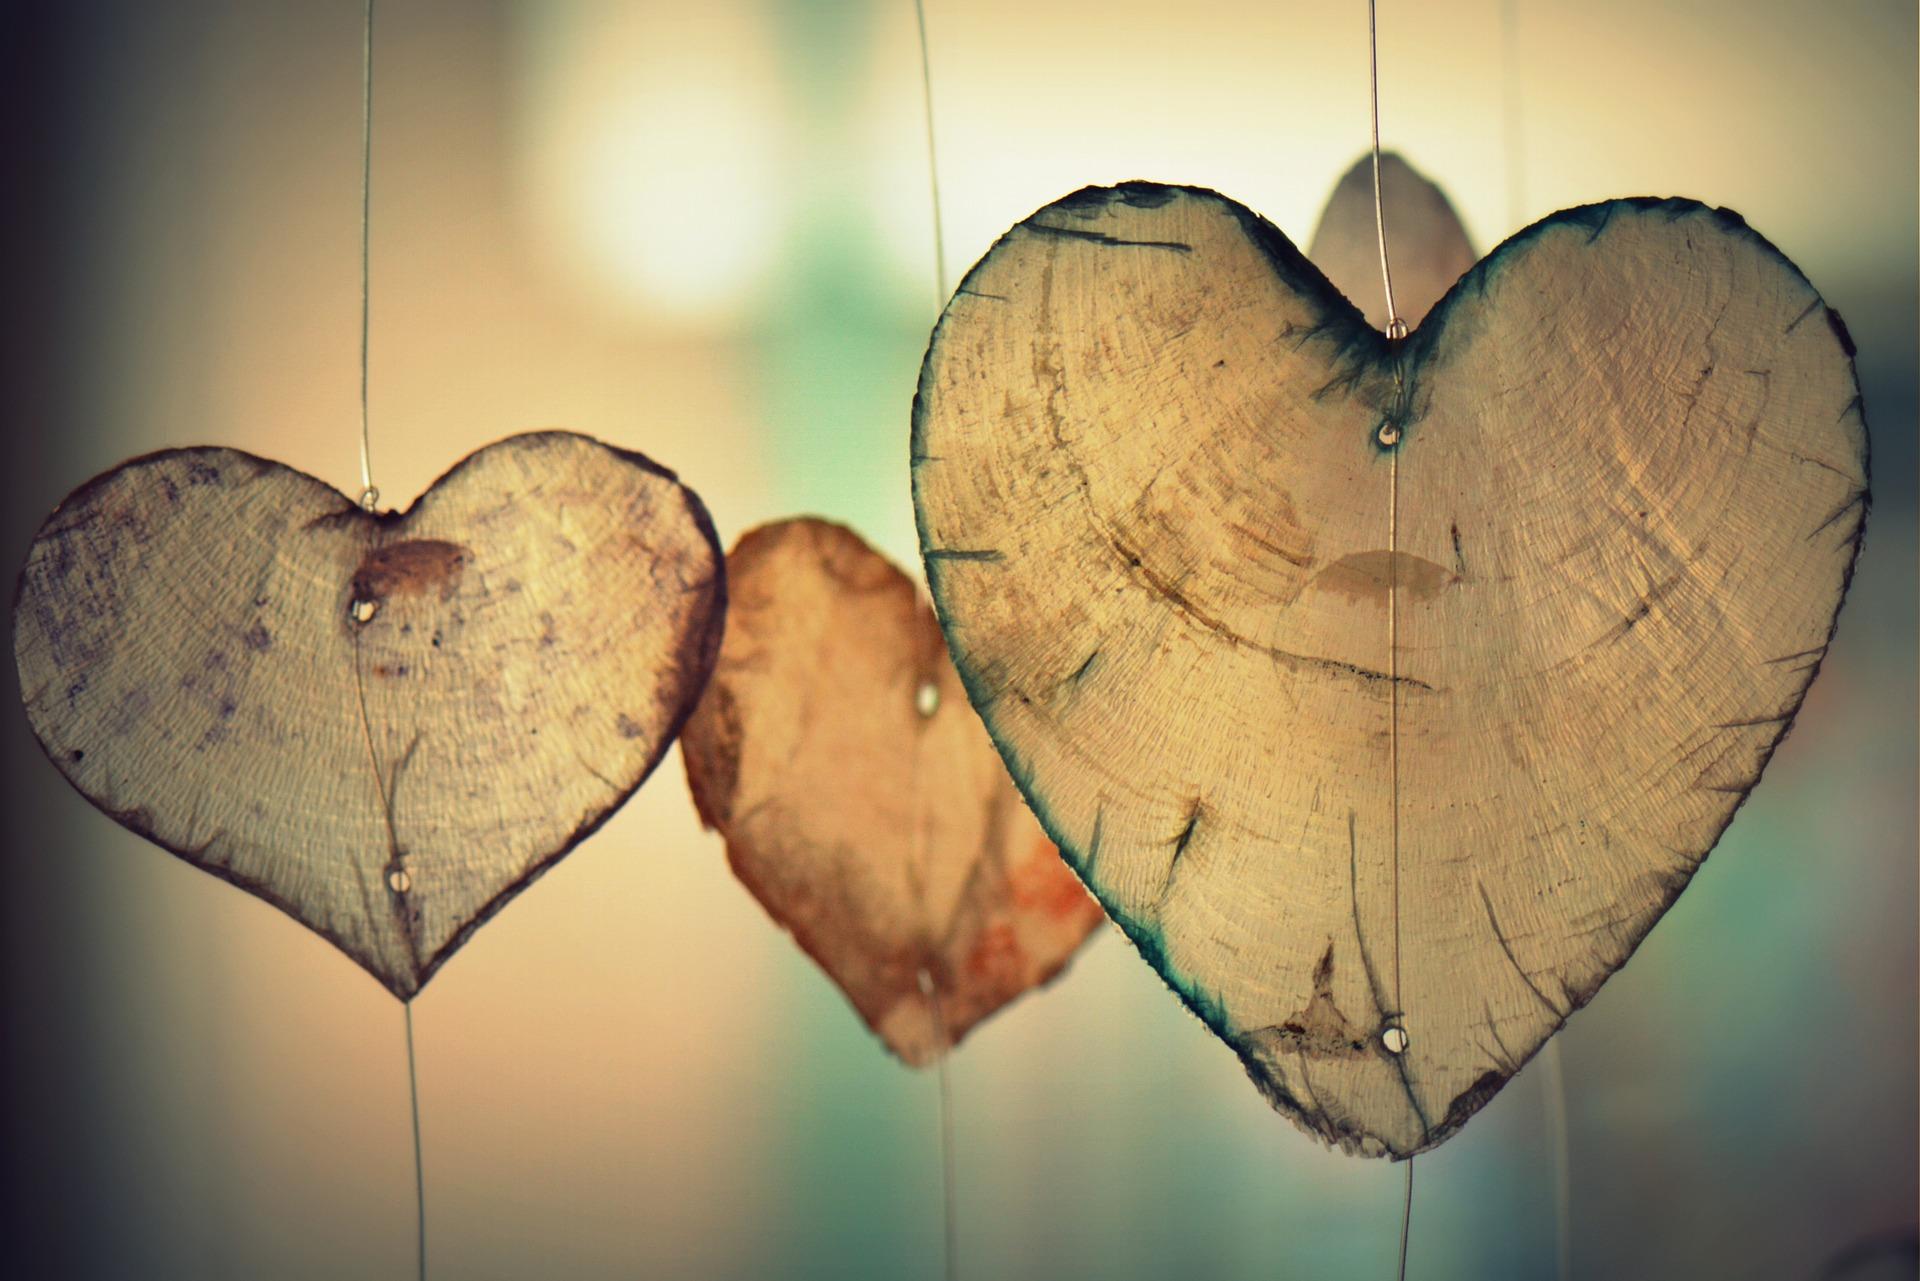 Jeste li znali? Srce ima svoje polje i inteligenciju! ,Usputna misao, Kada se srce otvori, sve nalikuje proljeću – Sve je svježe i lijepo!